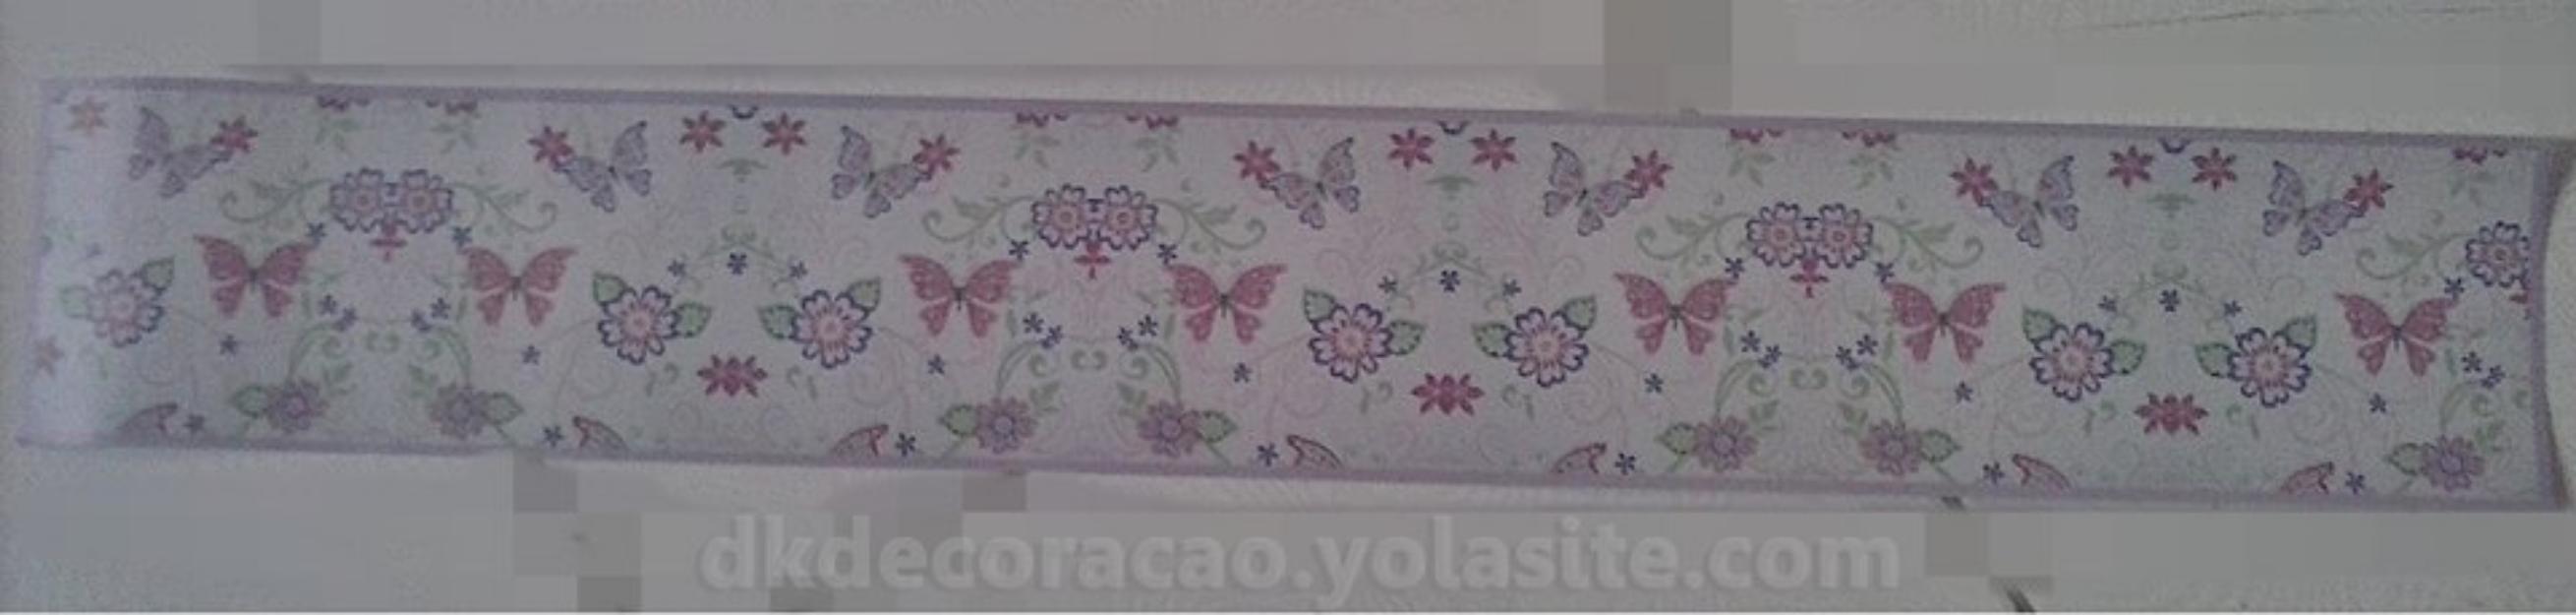 faixa de parede p qto de bebe border anjinhos  Vazlon Brasil